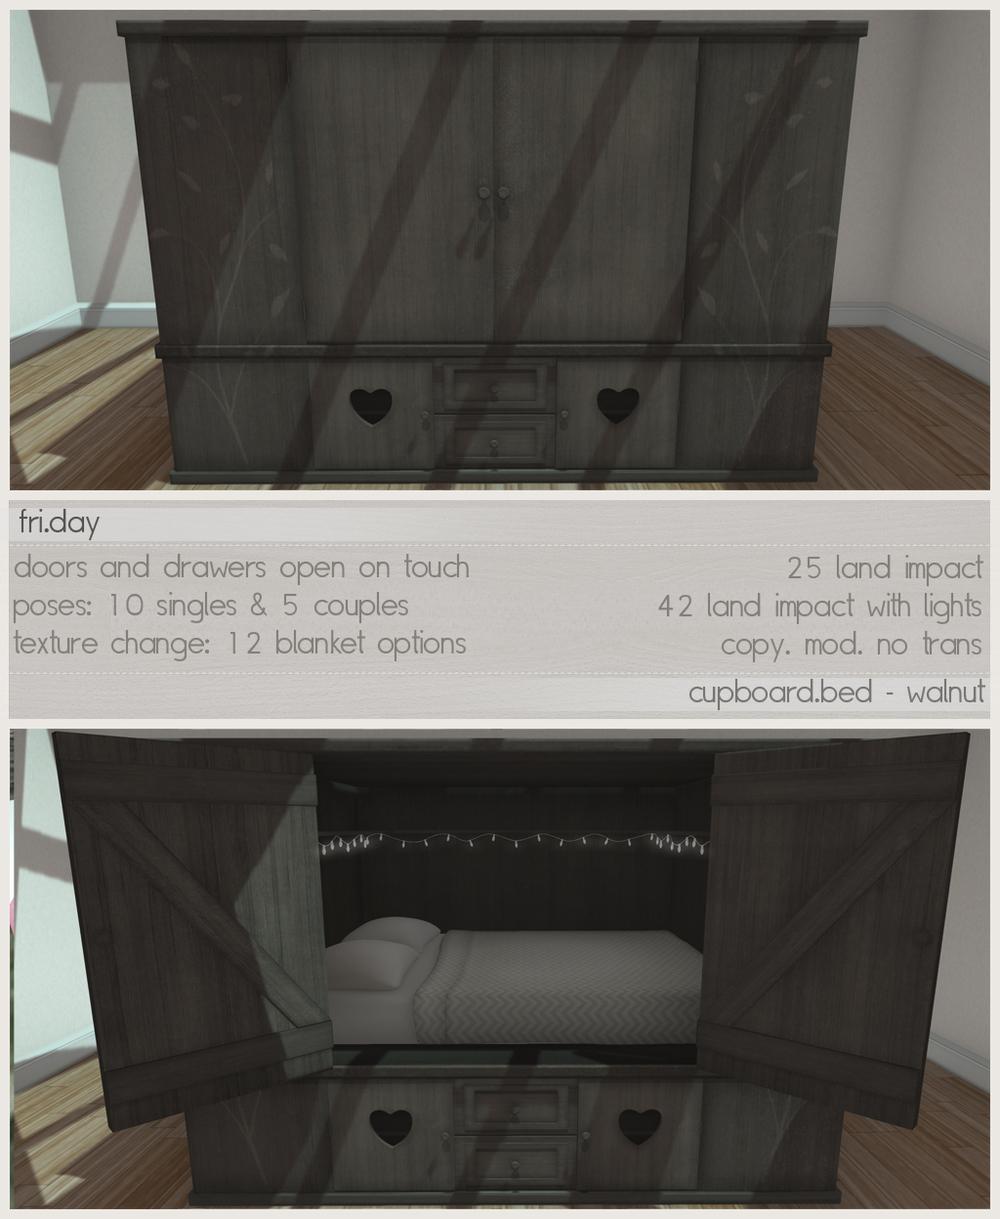 fri - Cupboard Bed (Walnut) Ad.jpg